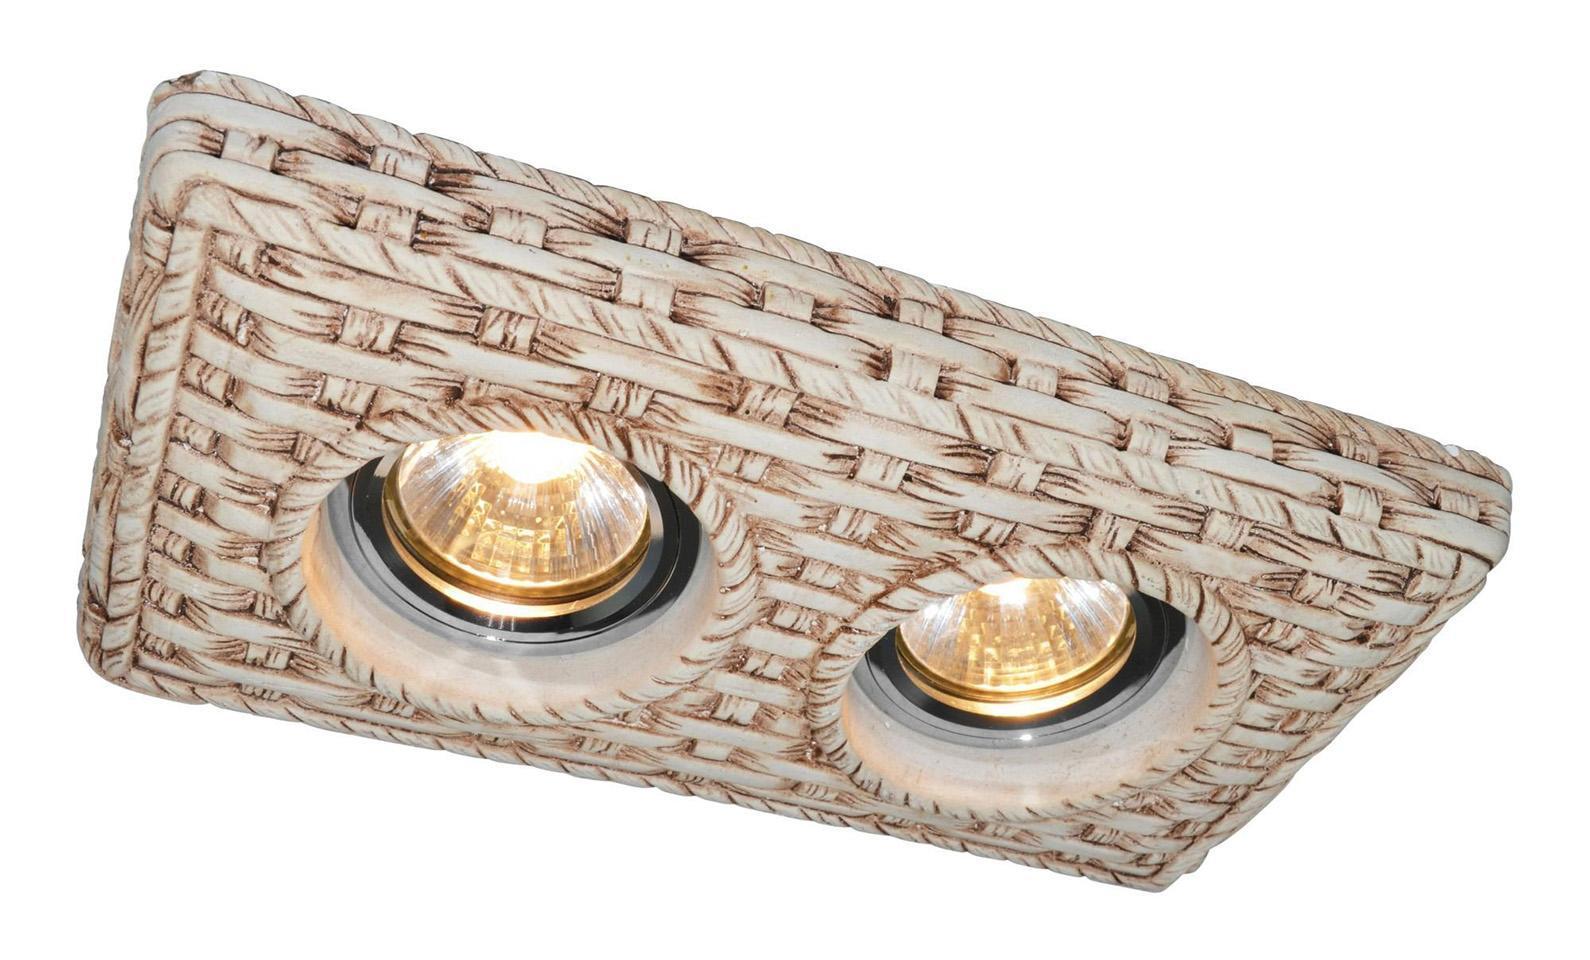 A5207PL-2WC PEZZI Встраиваемый светильникA5207PL-2WC2x50W; патроны в комплекте GU10 и G5.3; Светильник можно красить Материал: Арматура: ГипсРазмер: 220x120x45Цвет: Кремовый белый